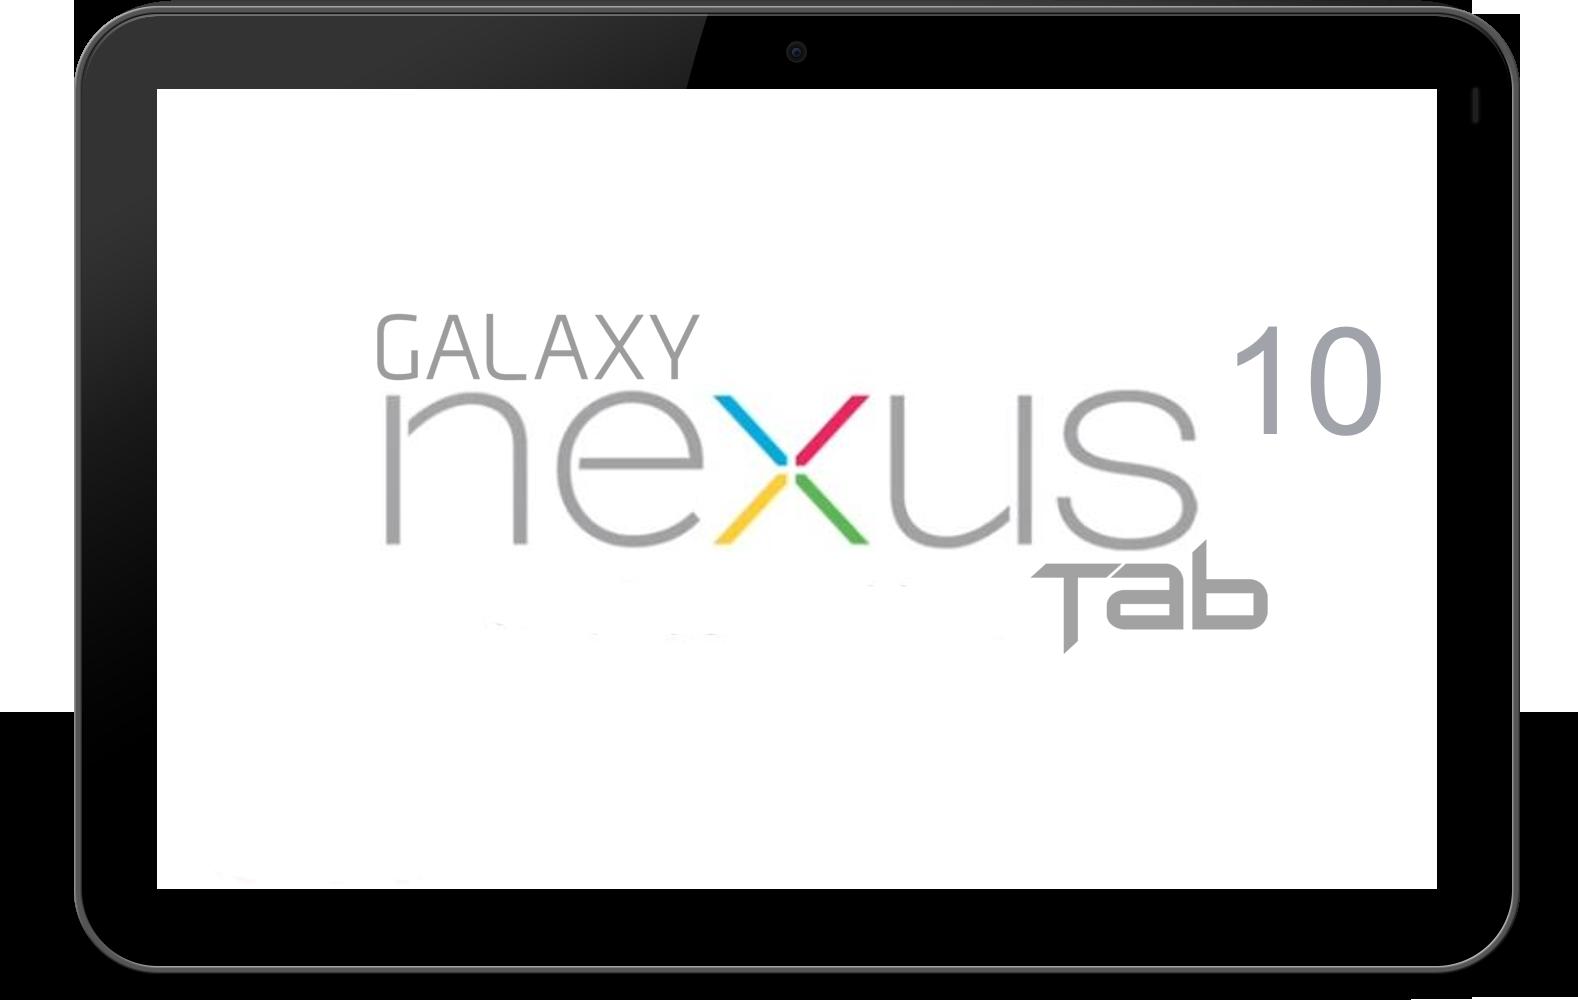 Samsung Galaxy Nexus Tab